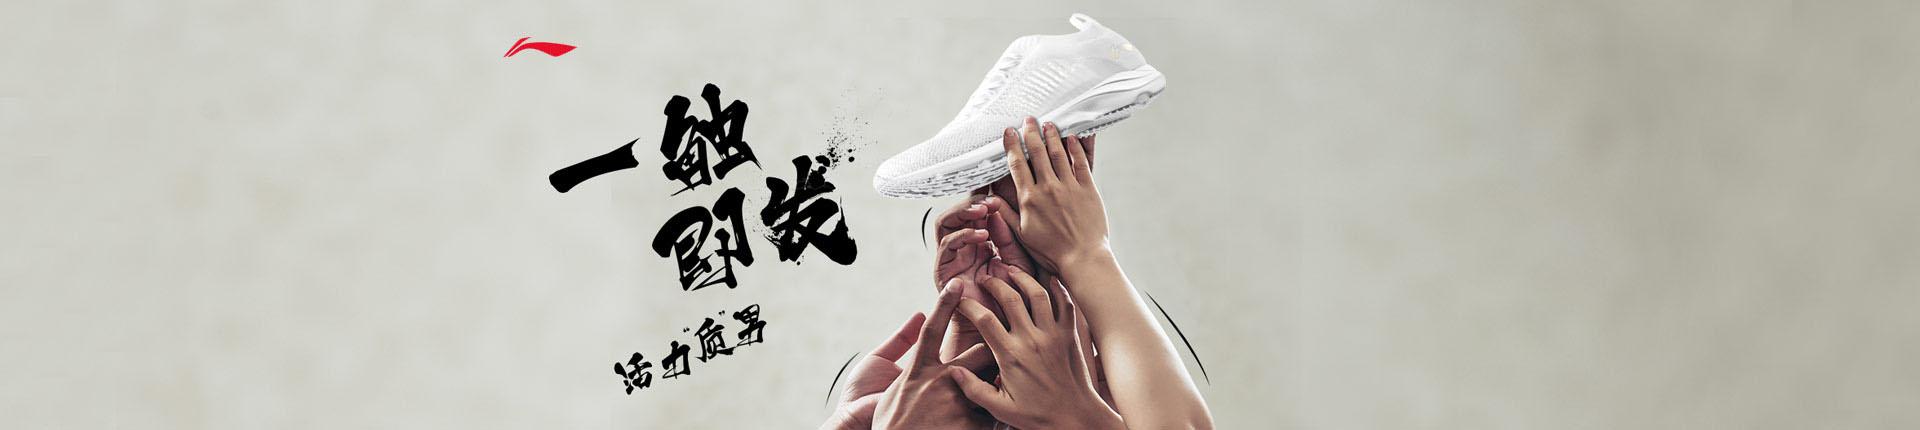 李宁官方网站